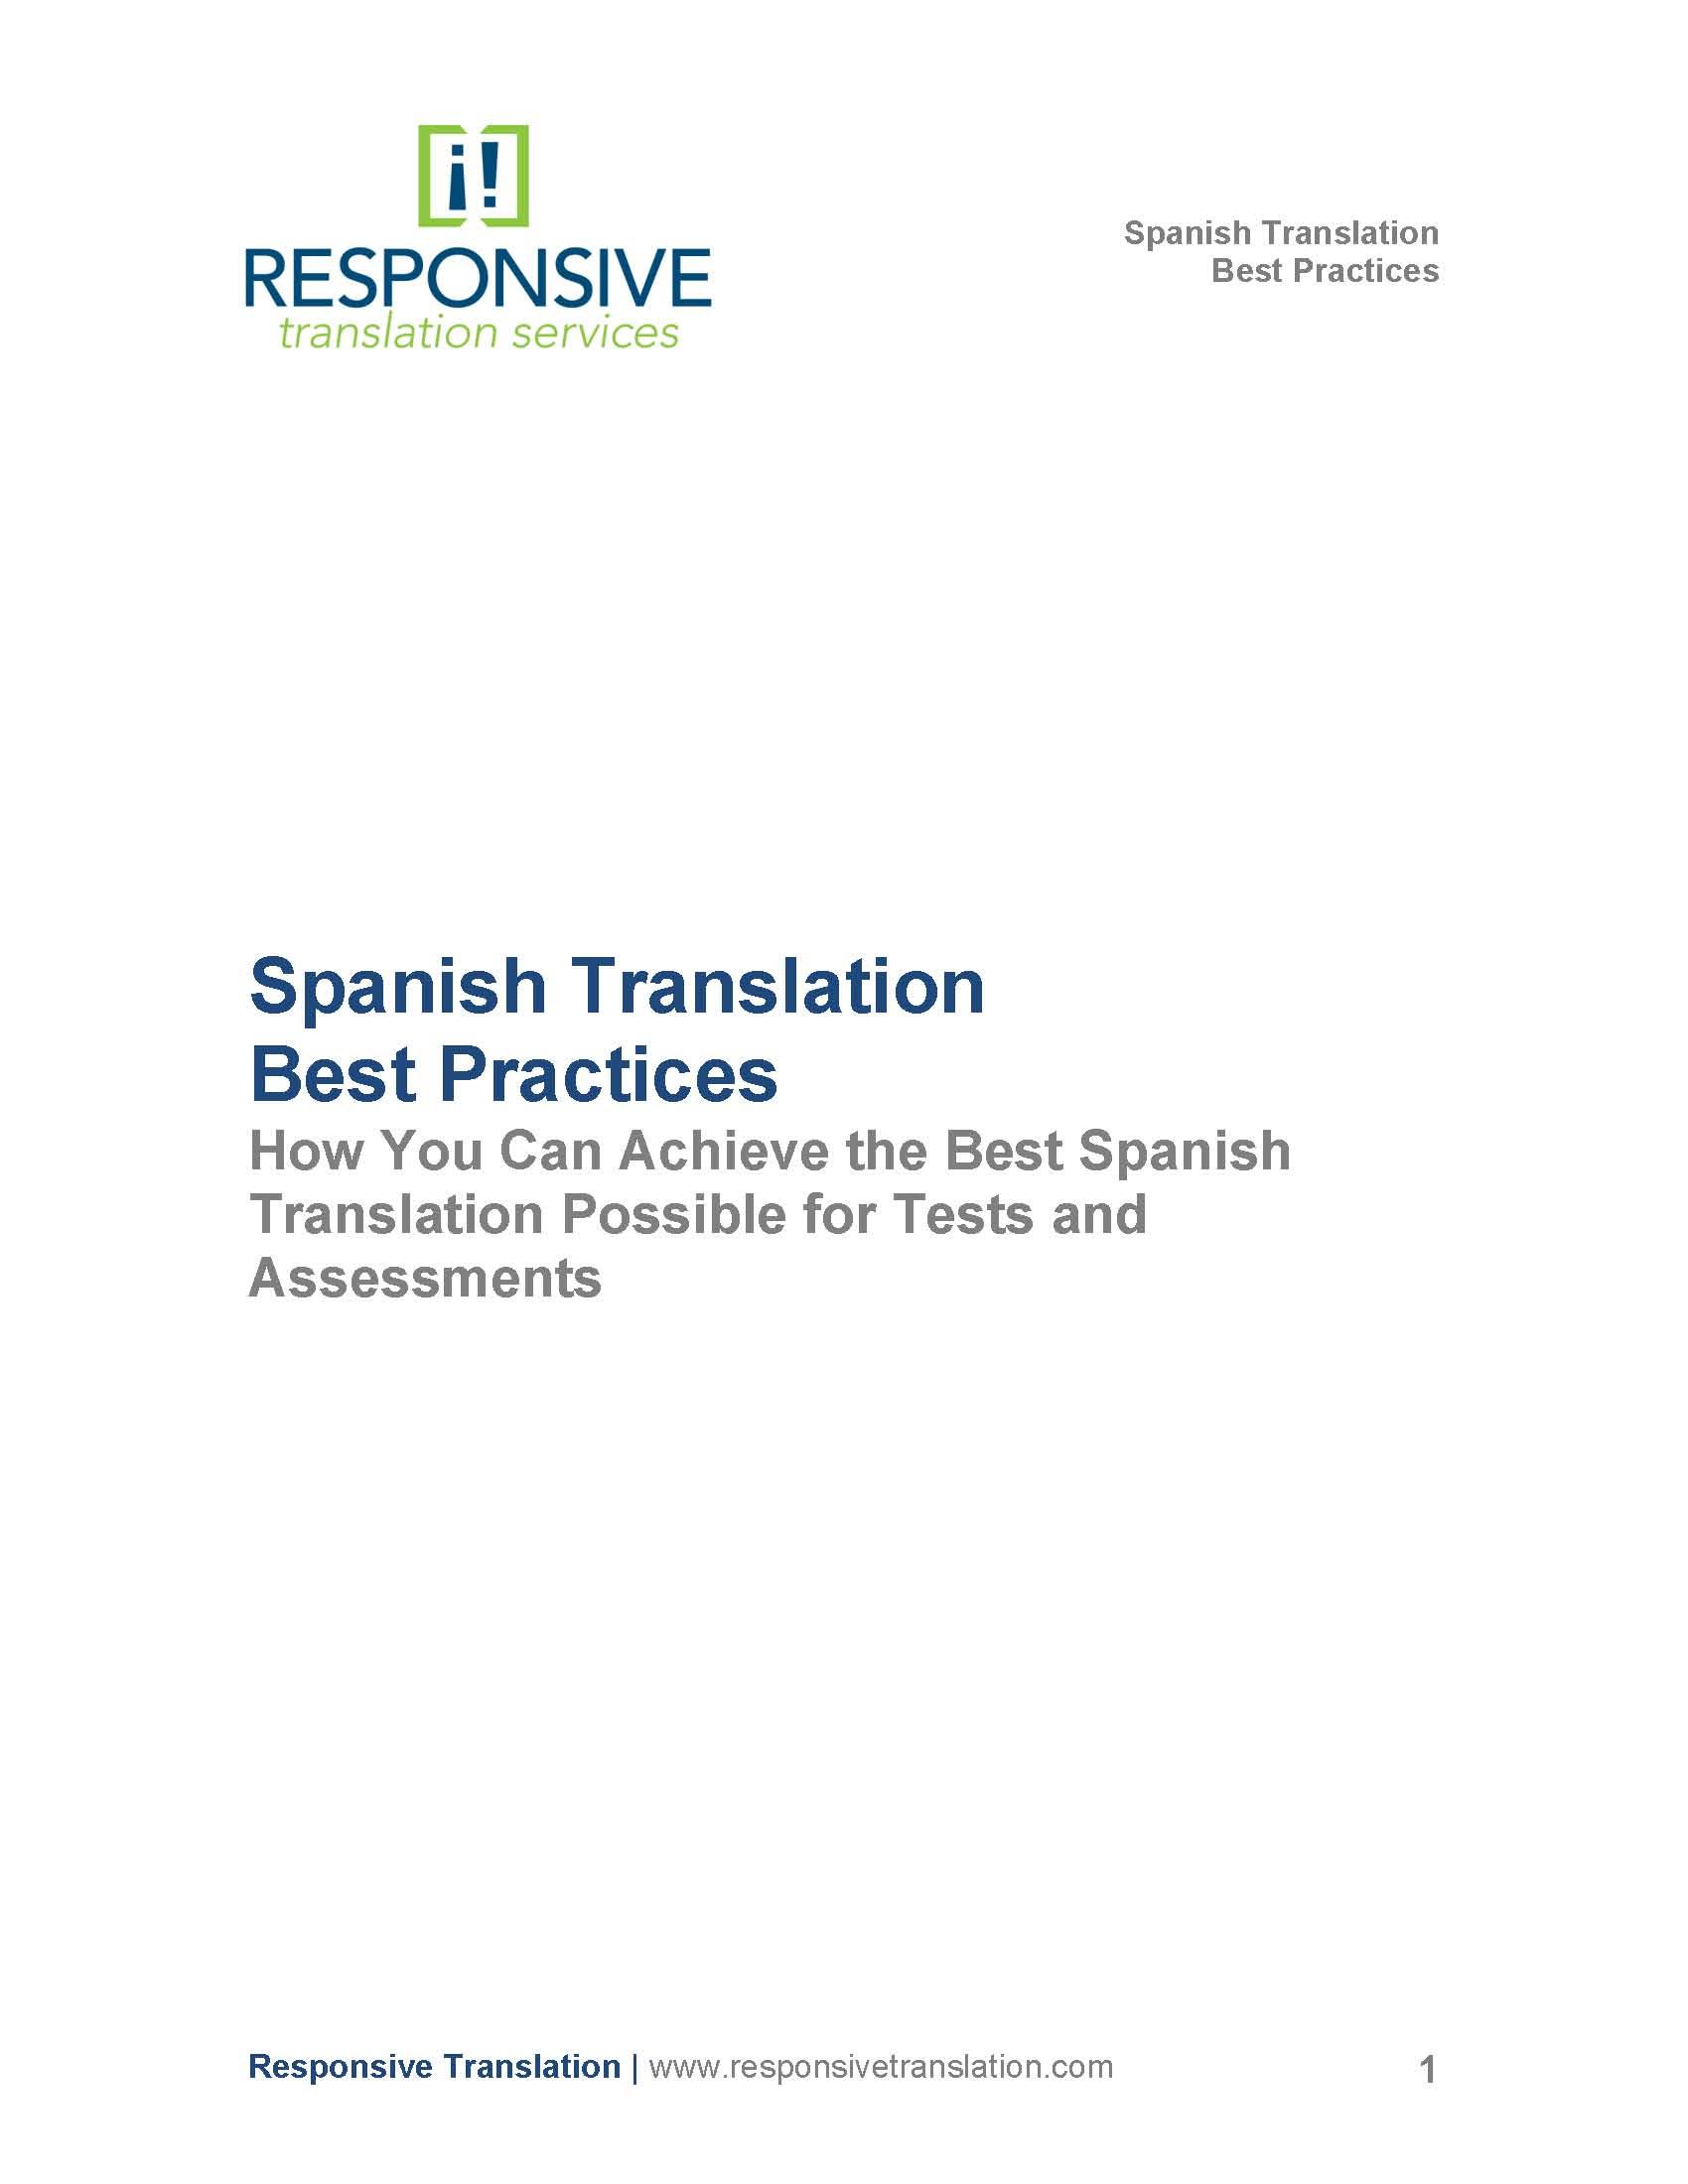 009 Essay Example Spanish White Paper Marvelous Urban Dictionary Joke Spanishdict Full